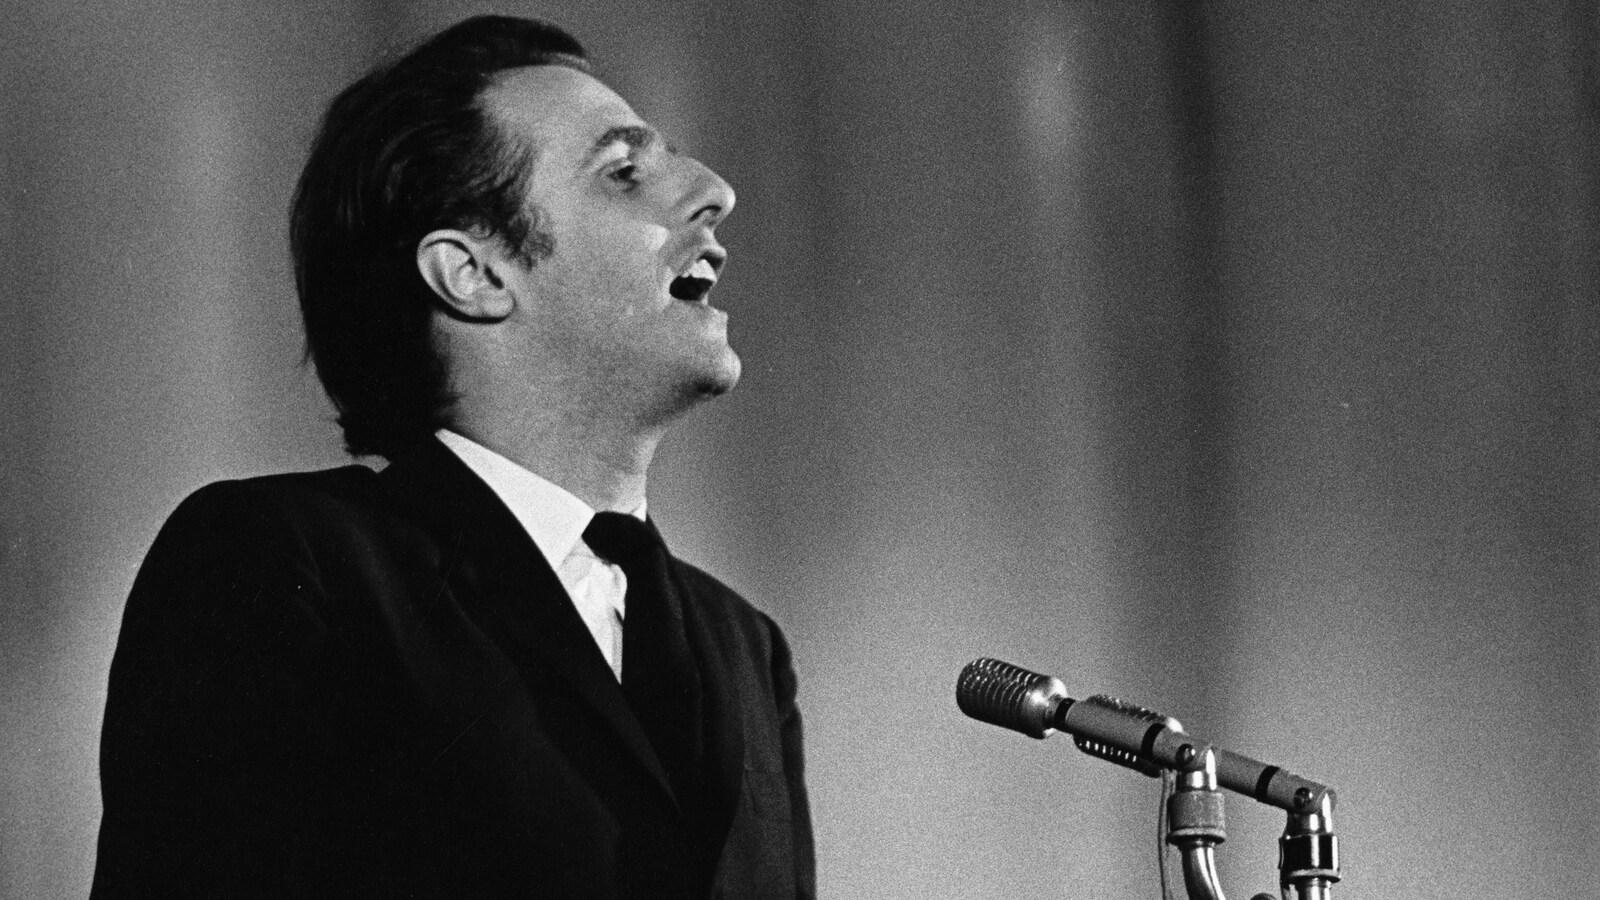 Sur une scène, Gilles Vigneault, chante, un micro sur pied devant lui.